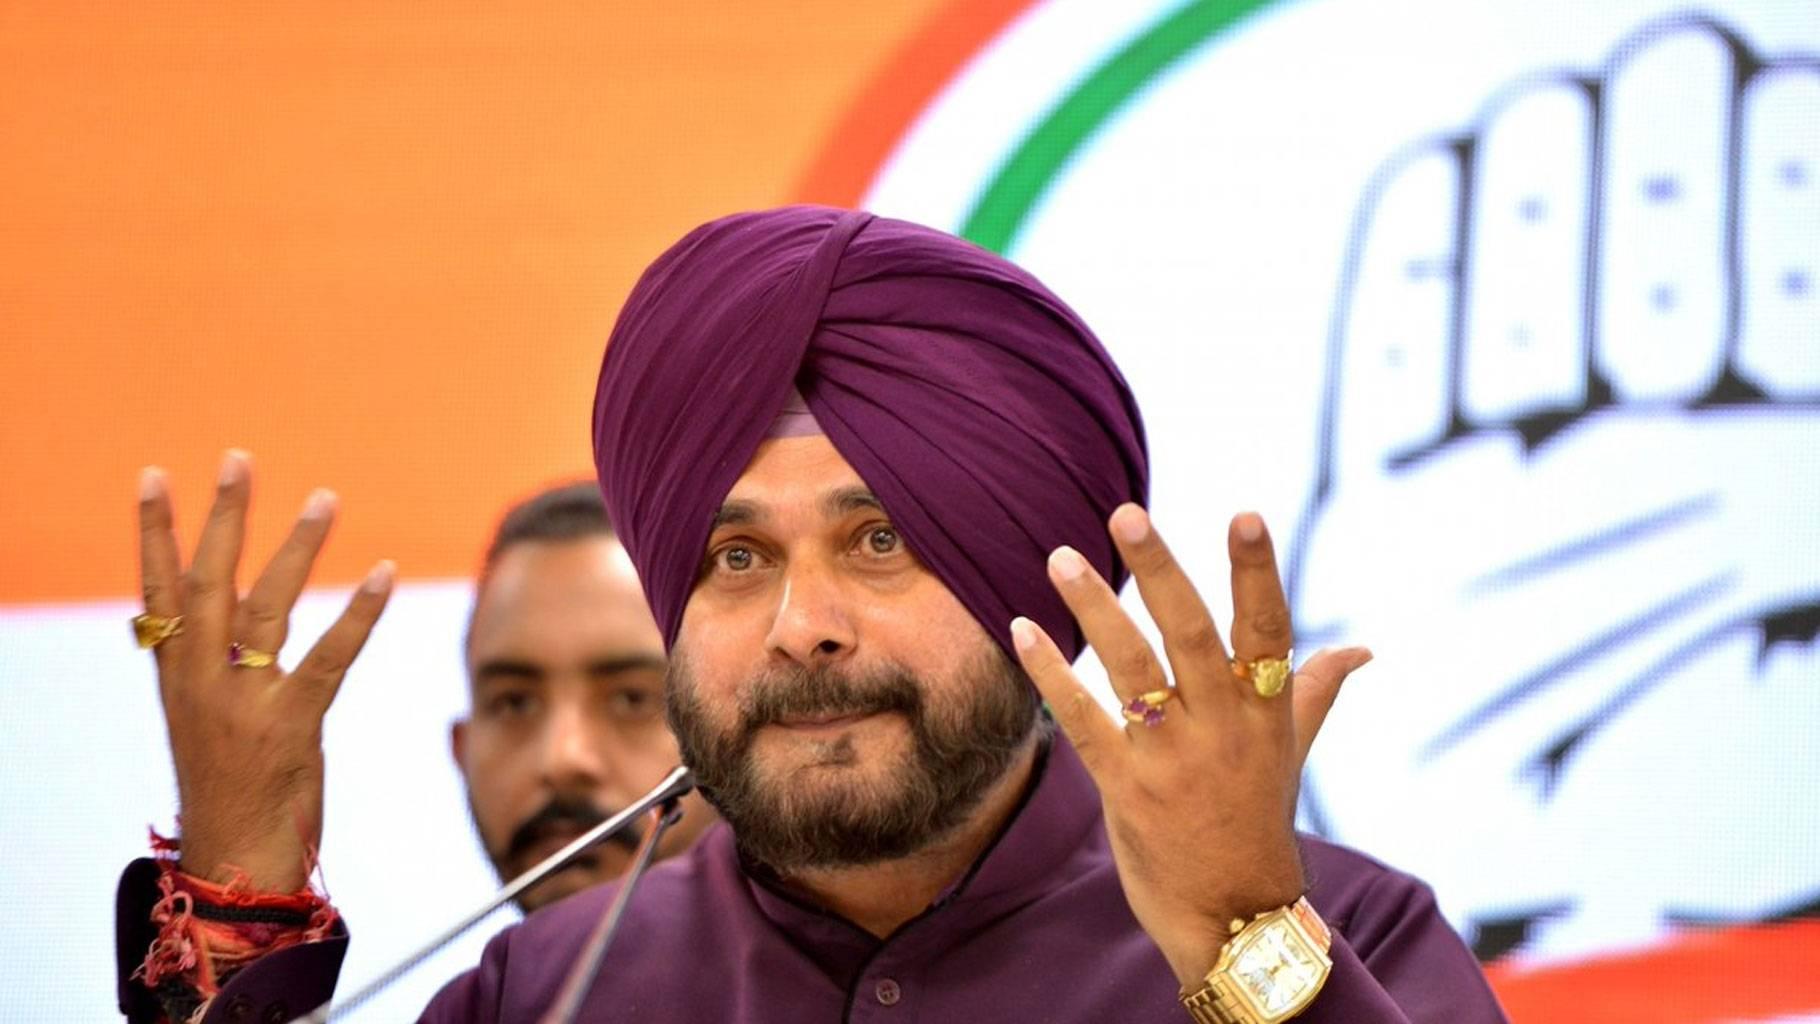 Navjot Singh Sidhu आज करेंगे मुख्यमंत्री चन्नी से मुलाकात, 3 बजे पंजाब भवन में मीटिंग